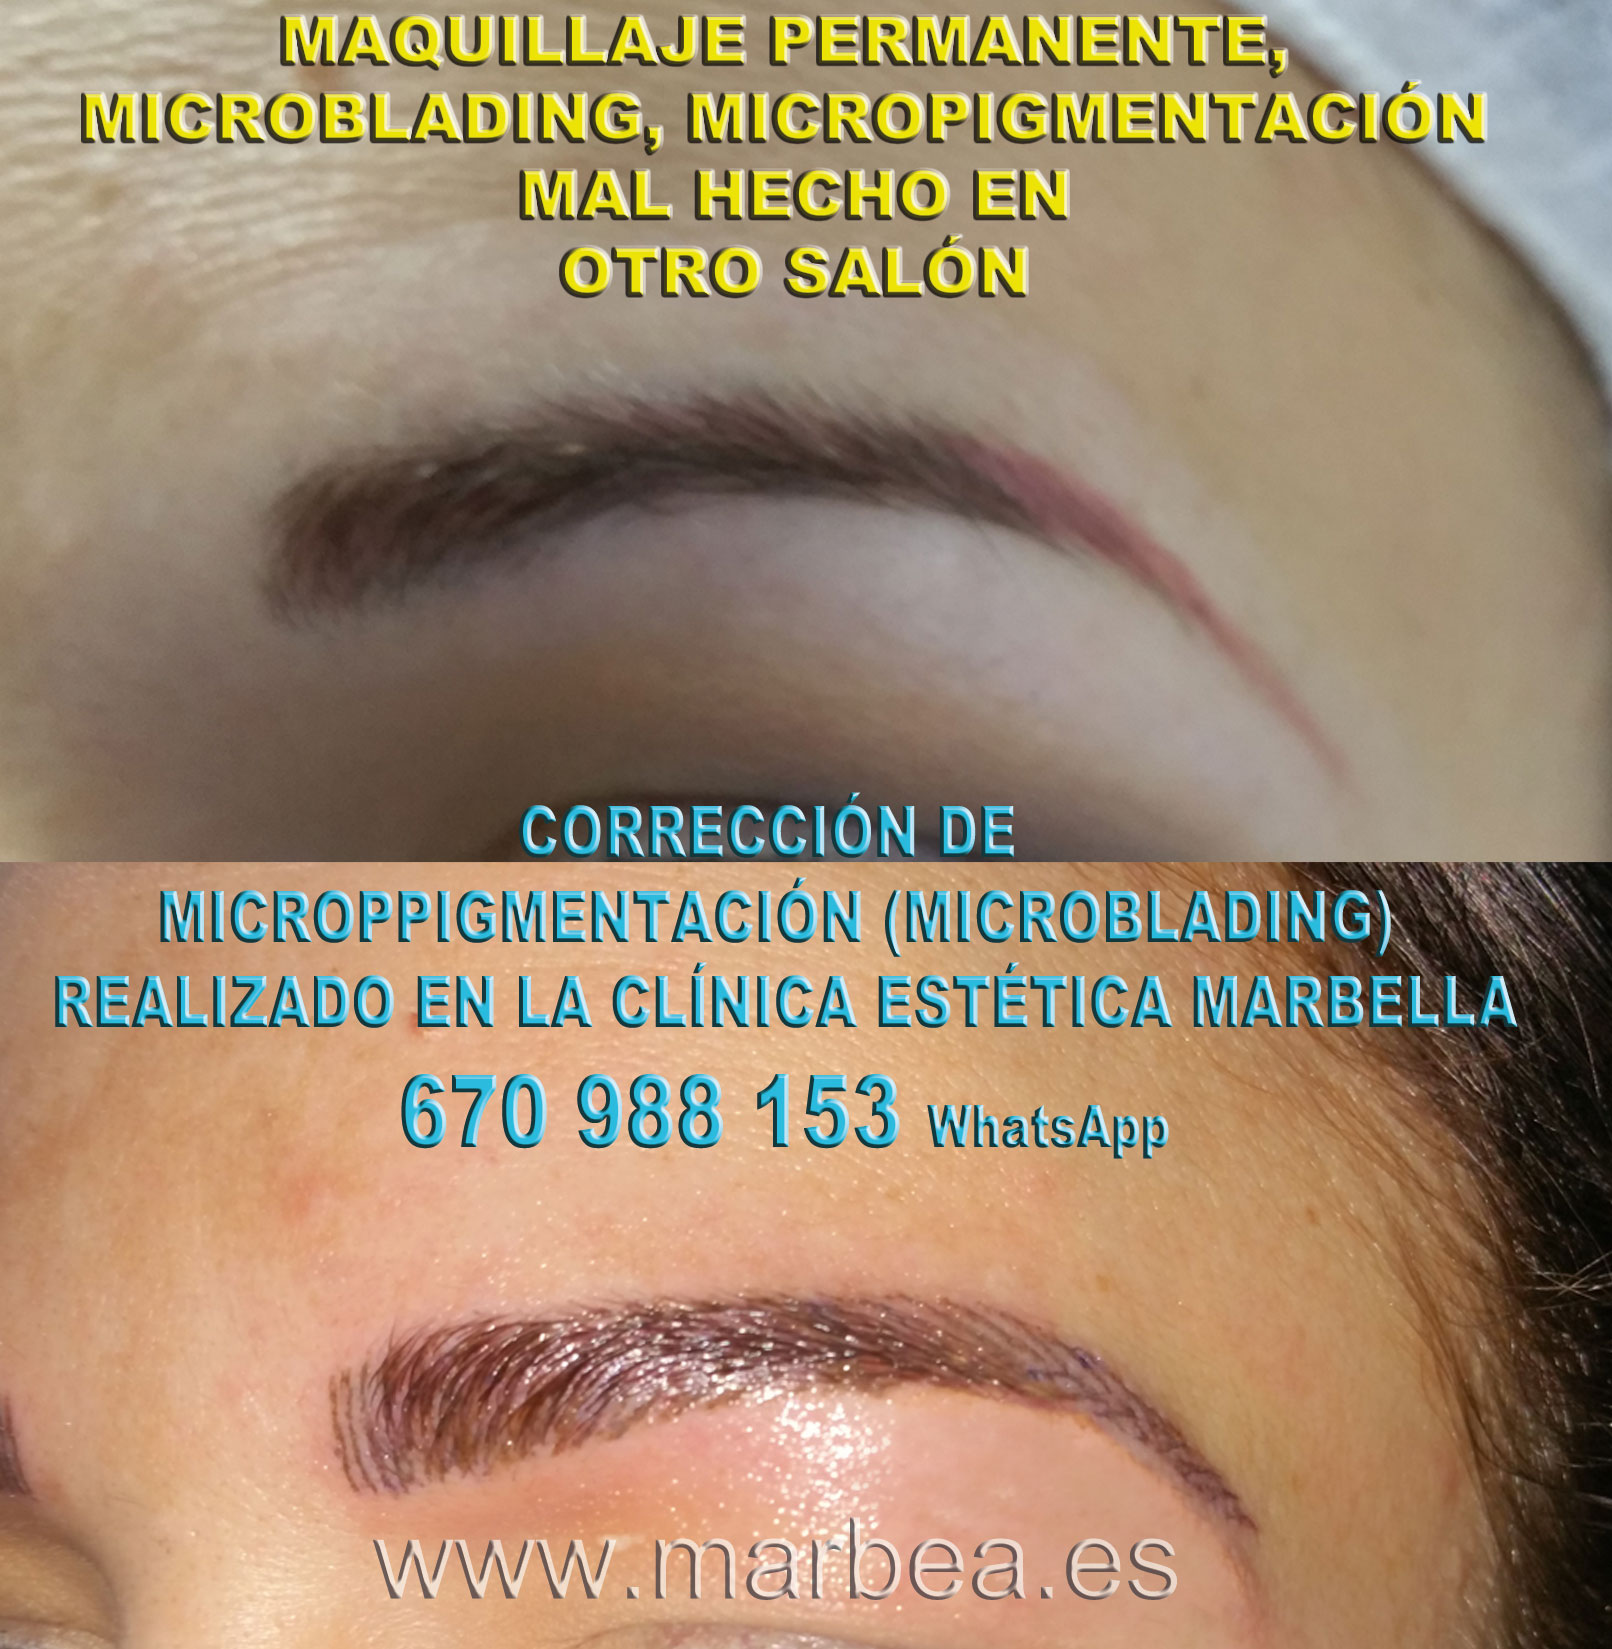 QUITAR TATUAJE CEJAS clínica estética micropigmentación ofrece eliminar la micropigmentación de cejas,micropigmentación correctiva cejas mal hecha